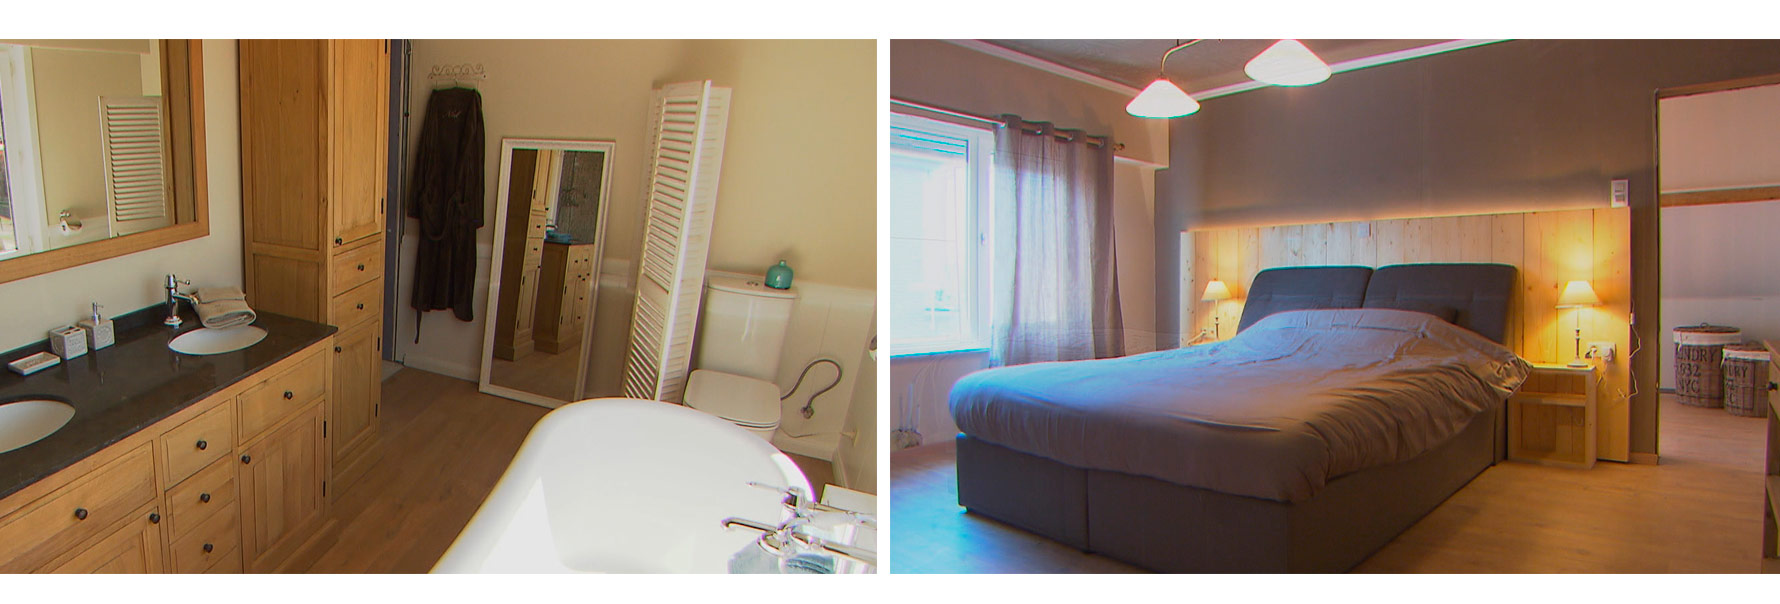 badkamer slaapkamer rousseau